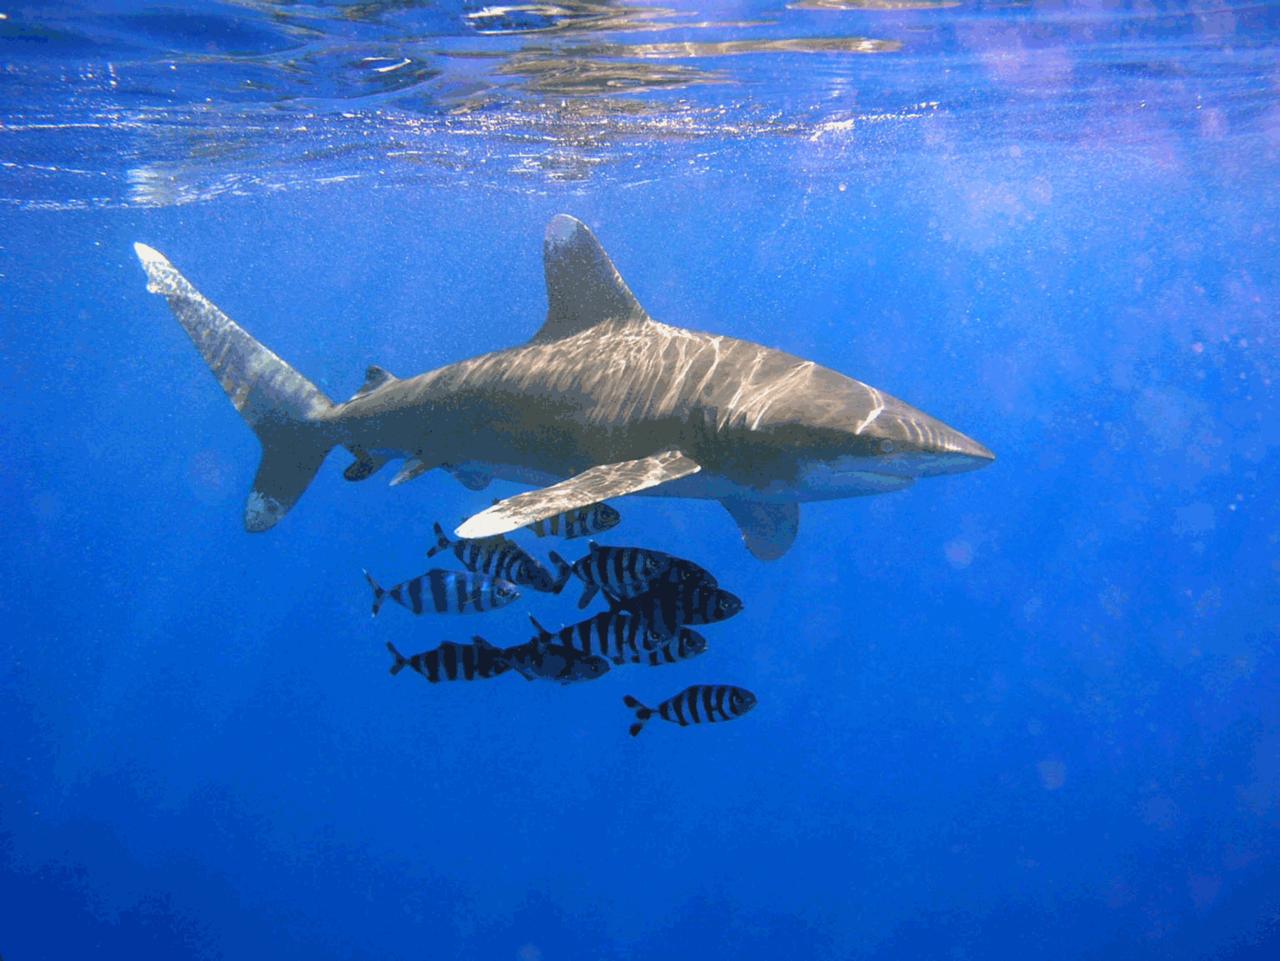 Le requin longimane, parata en tahitien, est responsable de cette attaque contre une touriste au large de Moorea.